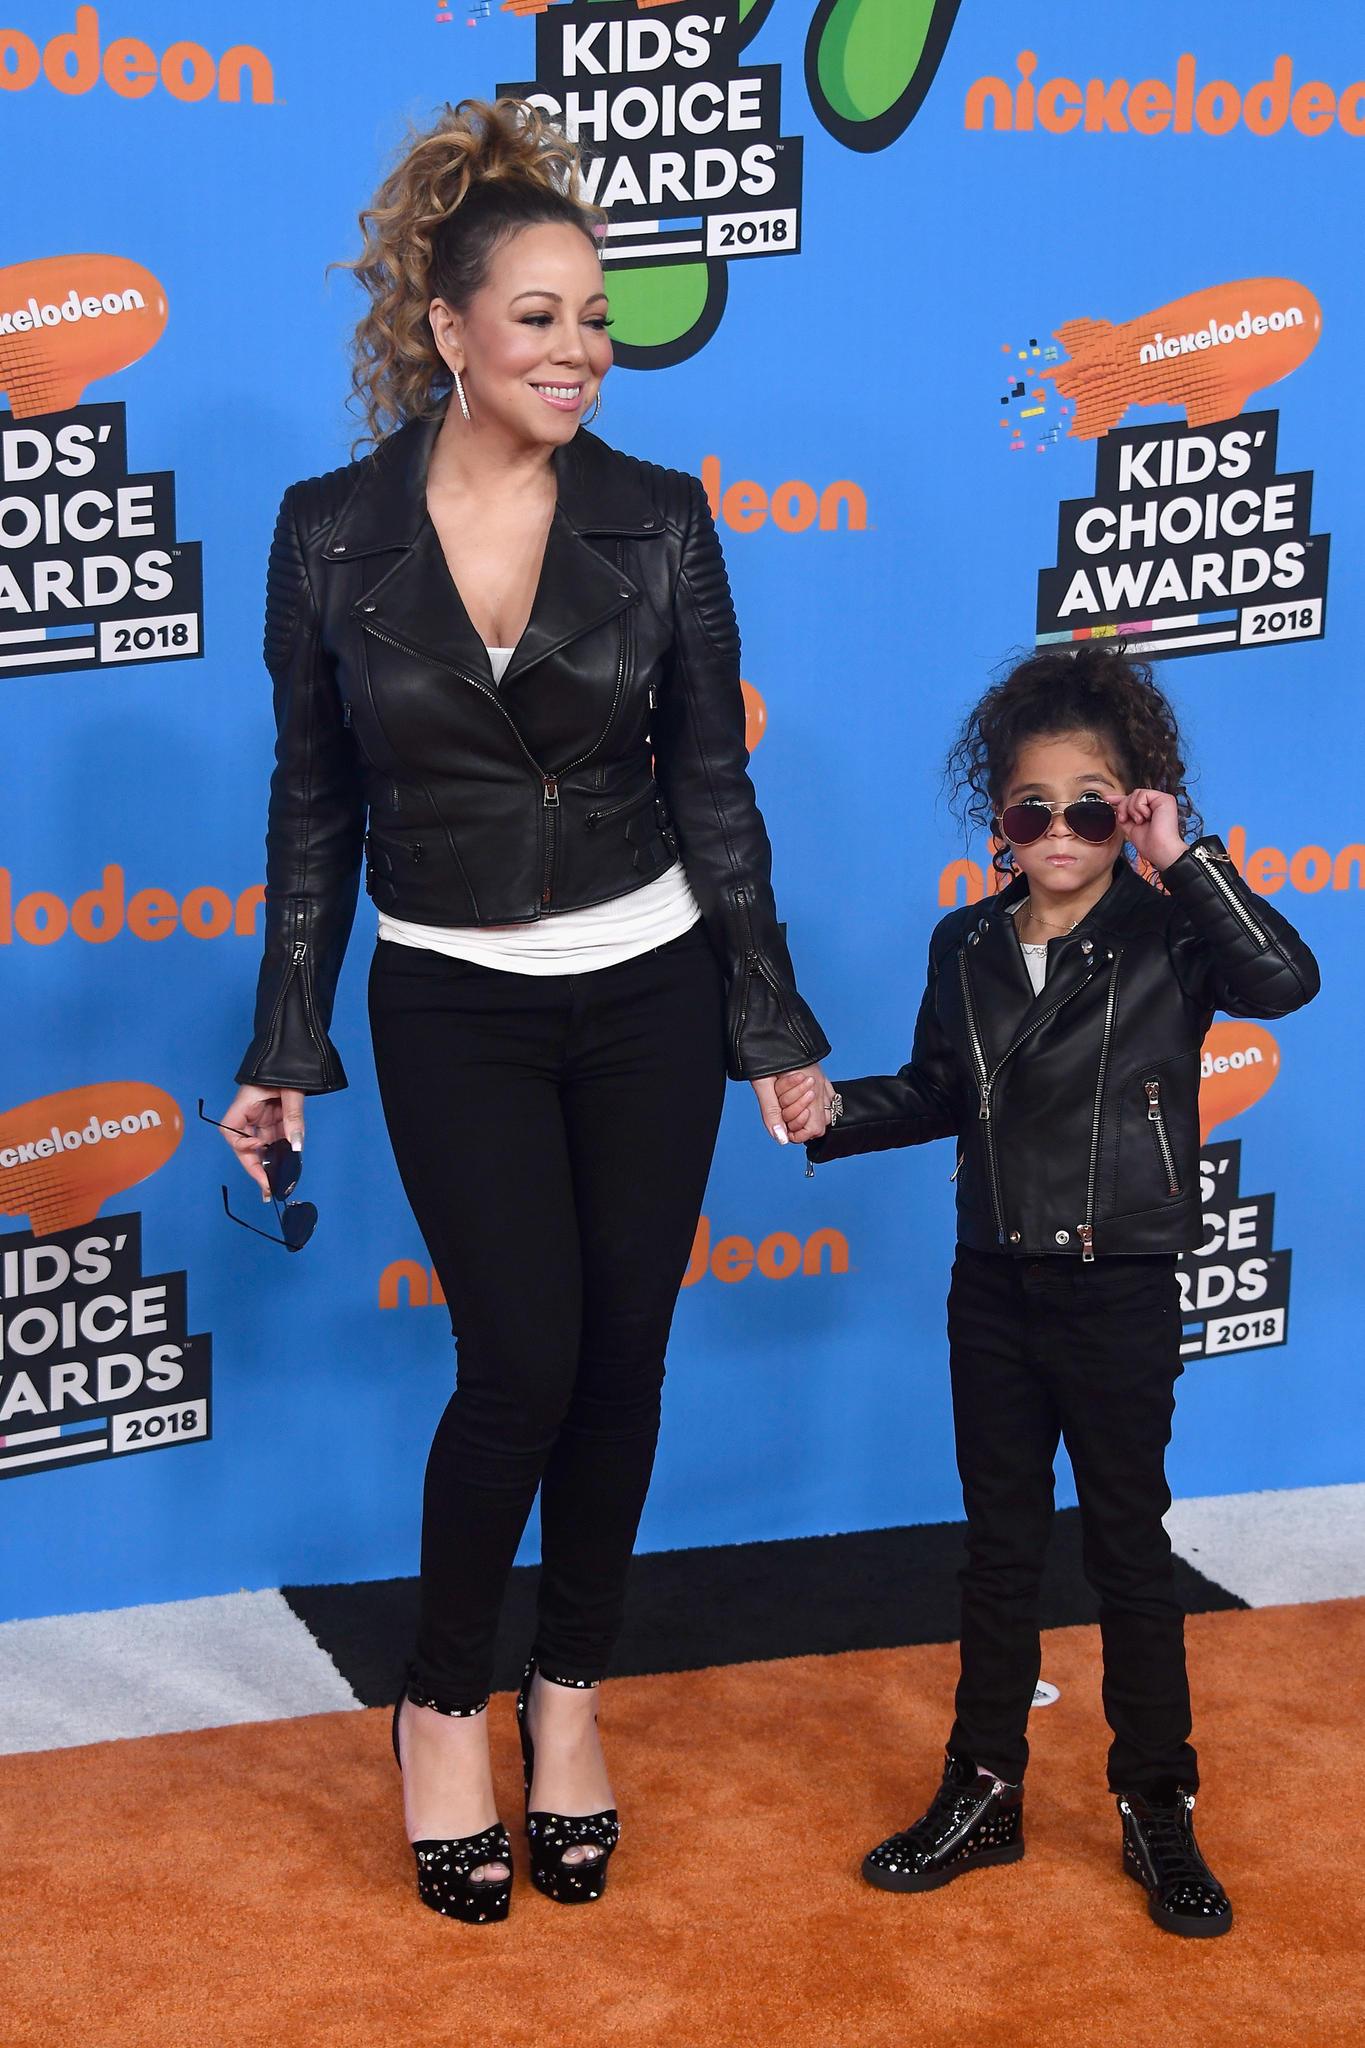 Mariah Carey hat sich lange eine eigene Familie gewünscht - im Jahr 2011 ging dieser Wunsch endlich in Erfüllung. Nach einer Fehlgeburt bekamen der Popstar und Ehemann Nick Cannon die Zwillinge Monroe und Moroccan.